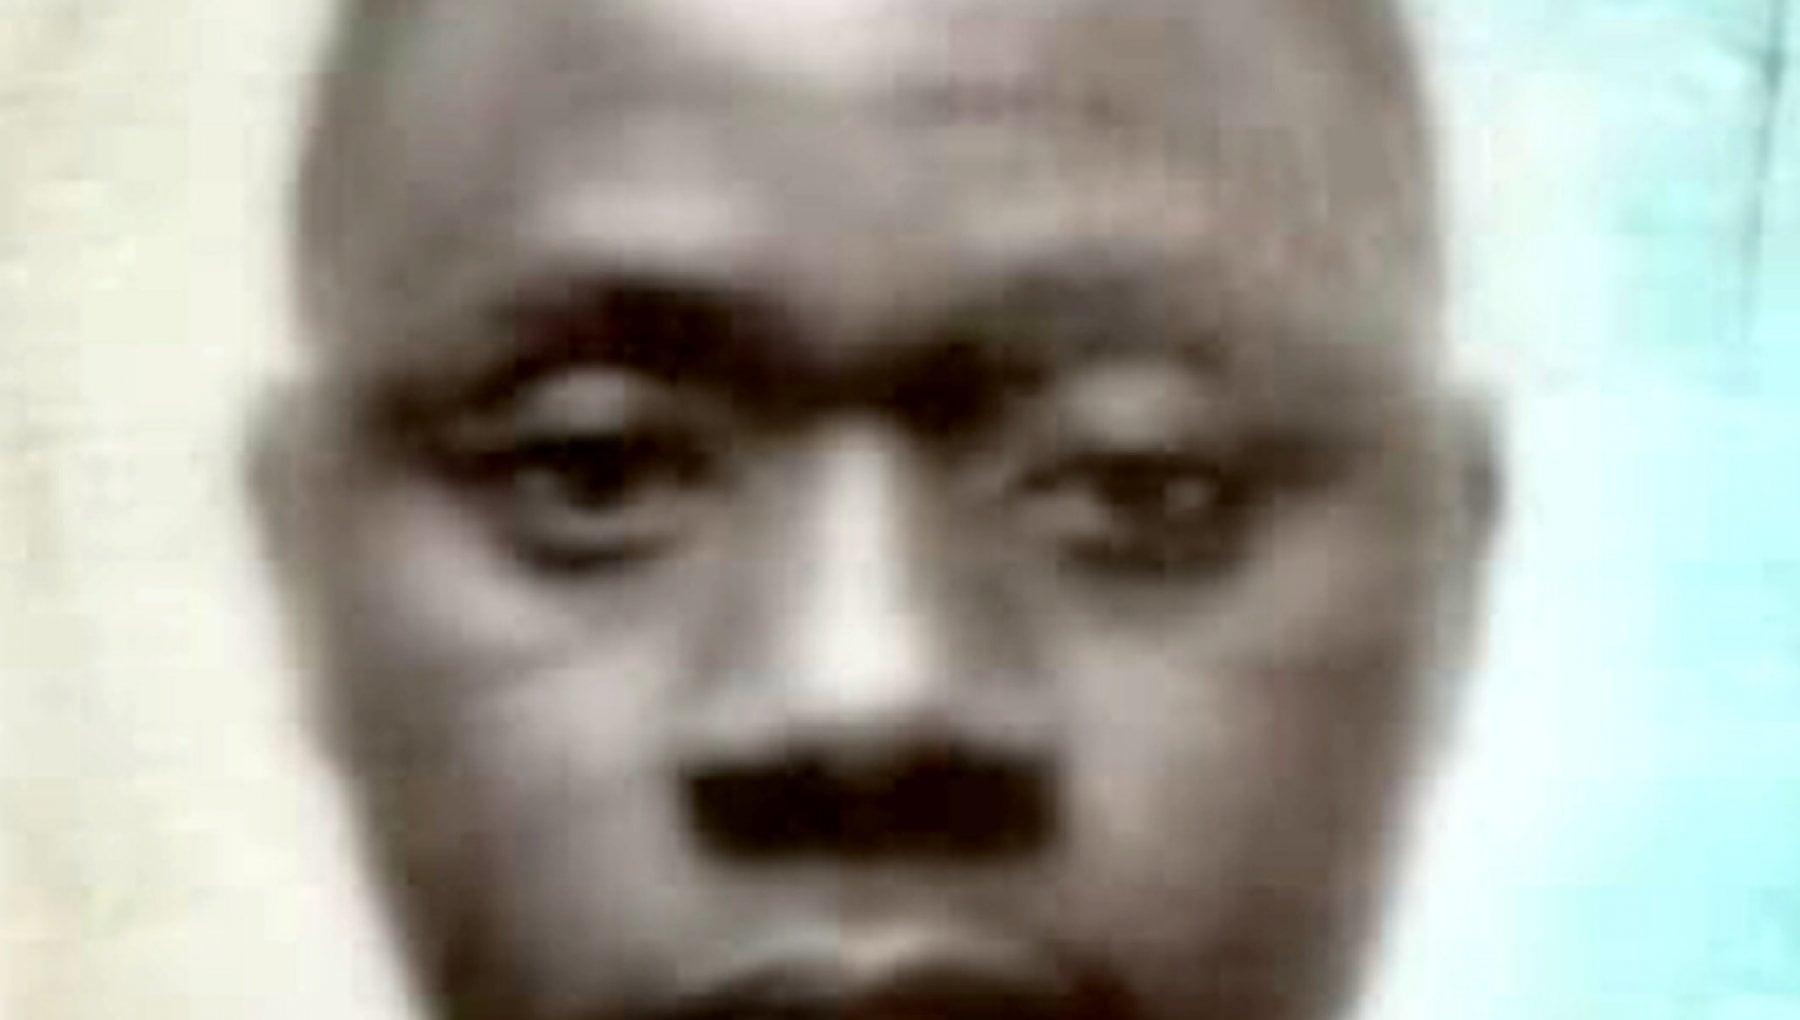 121059845 075ca228 3848 448e 959d 4b90cca9c128 - Camara Fantamadi, morto di ritorno dai campi nel Brindisino: una colletta per riportarlo in Mali